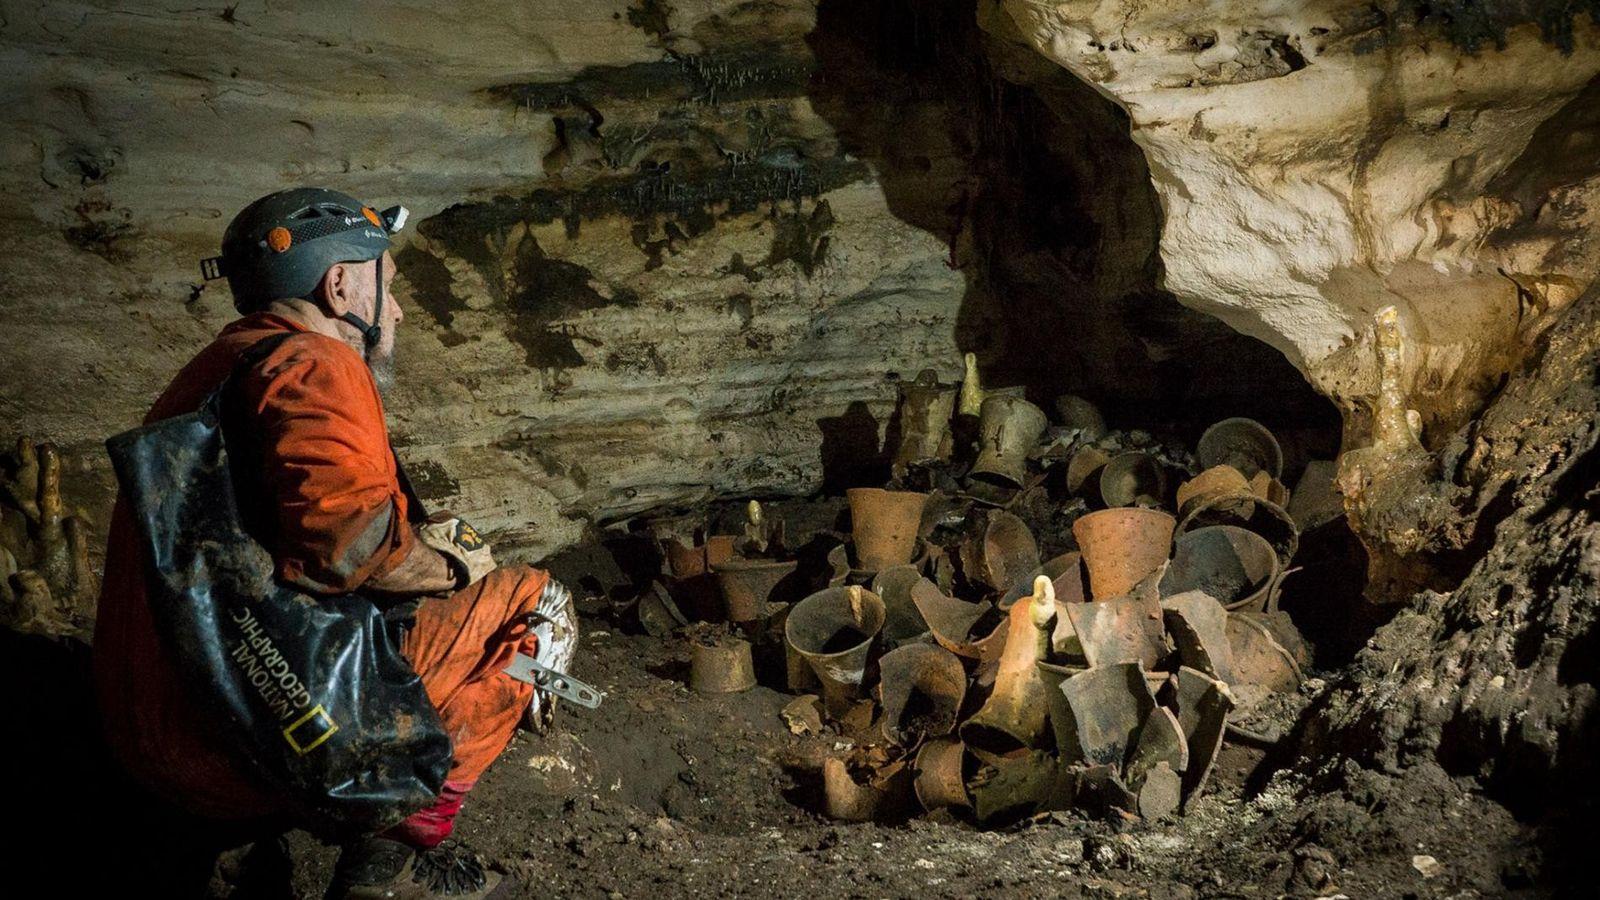 L'explorateur National Geographic Guillermo de Anda examine des objets ayant probablement servi dans le cadre de ...